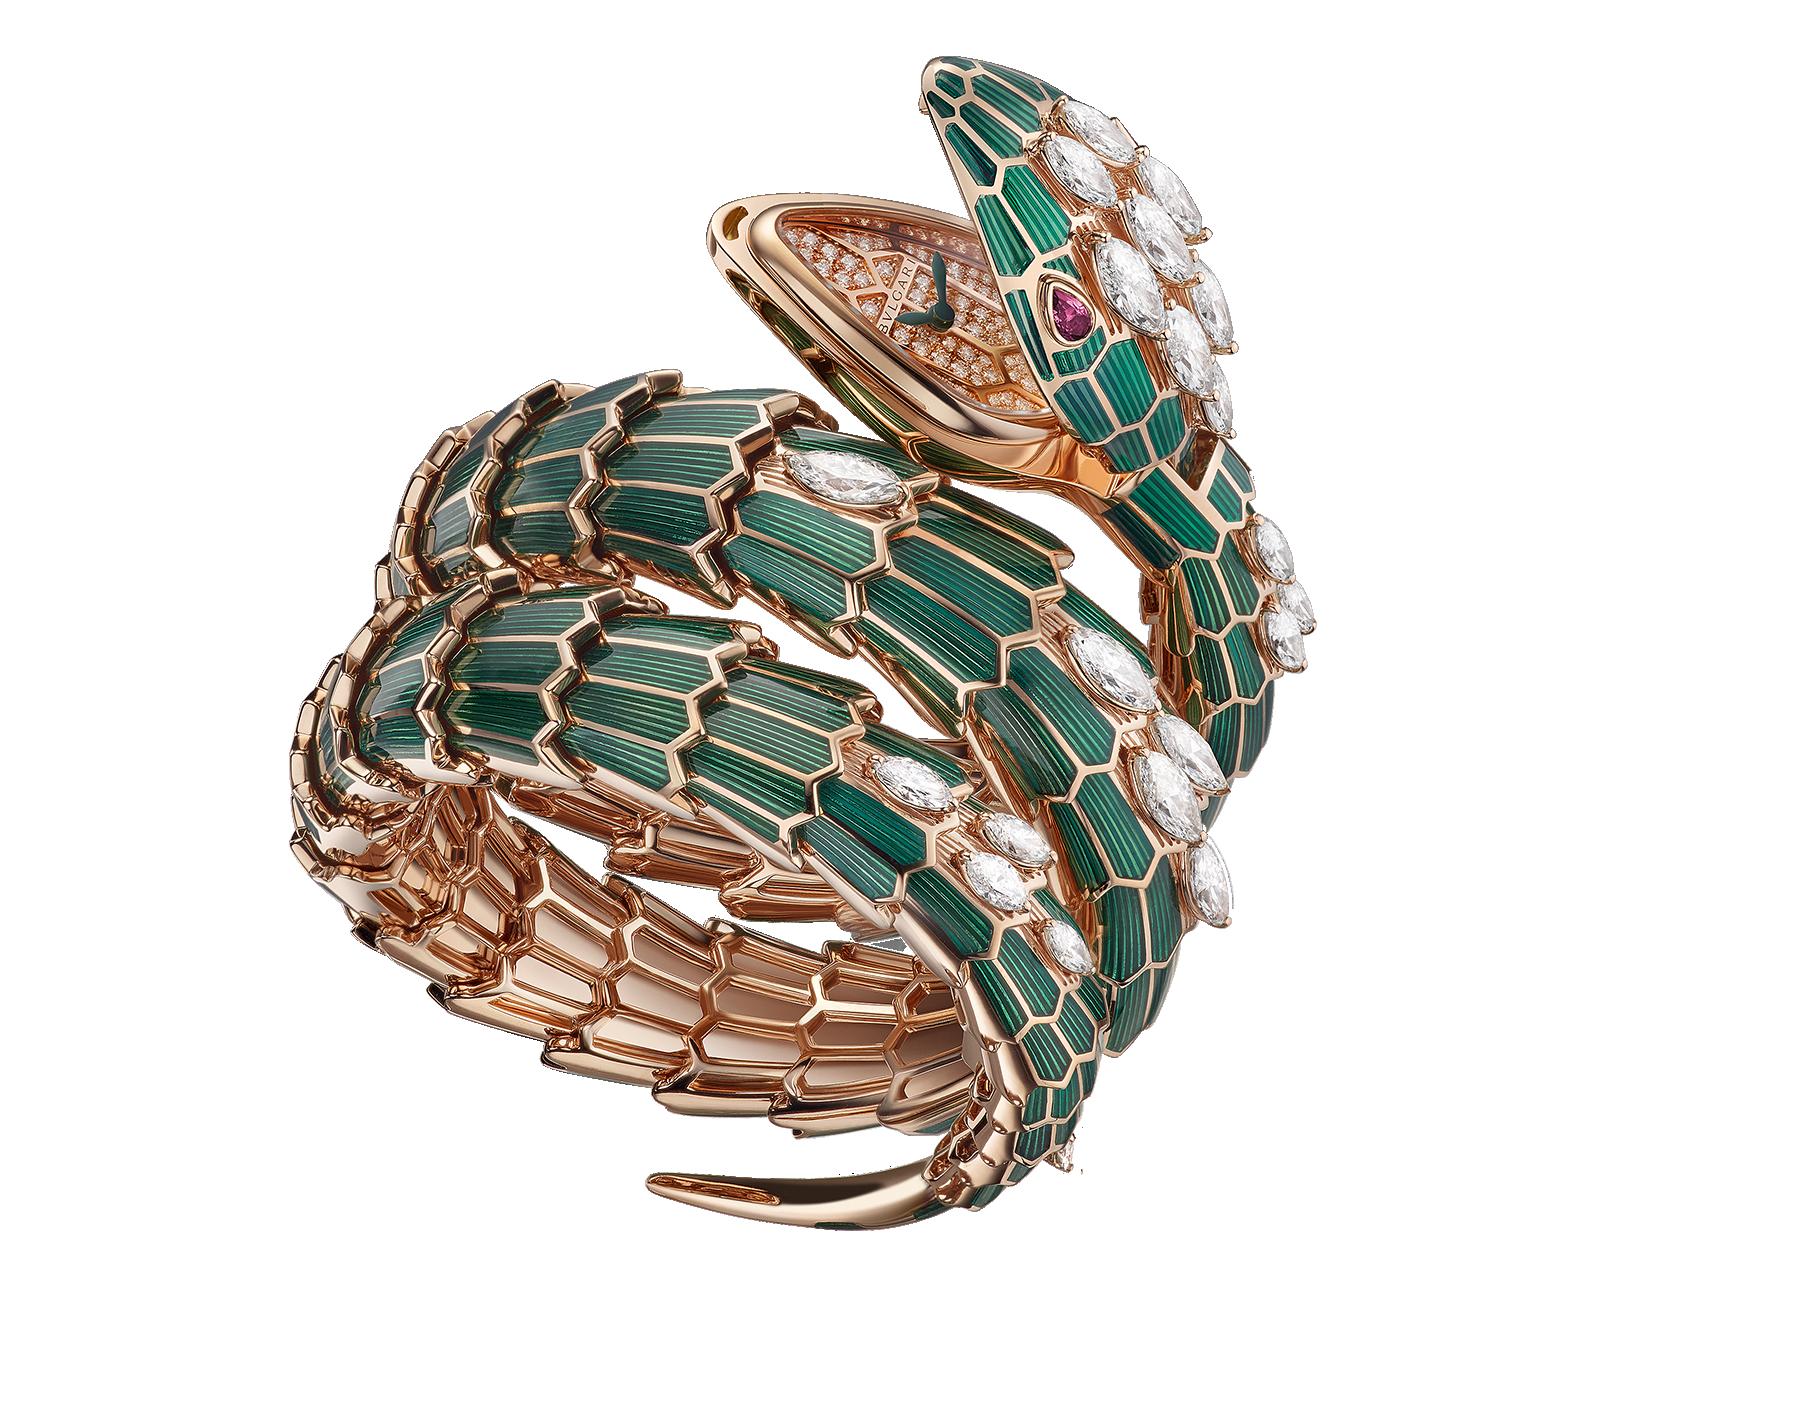 Montre secrète Serpenti avec tête et bracelet double spirale en or rose 18K recouverts de laque verte et sertis de diamants taille marquise, yeux en rubis et cadran en or rose 18K serti de diamants taille brillant. 102528 image 1